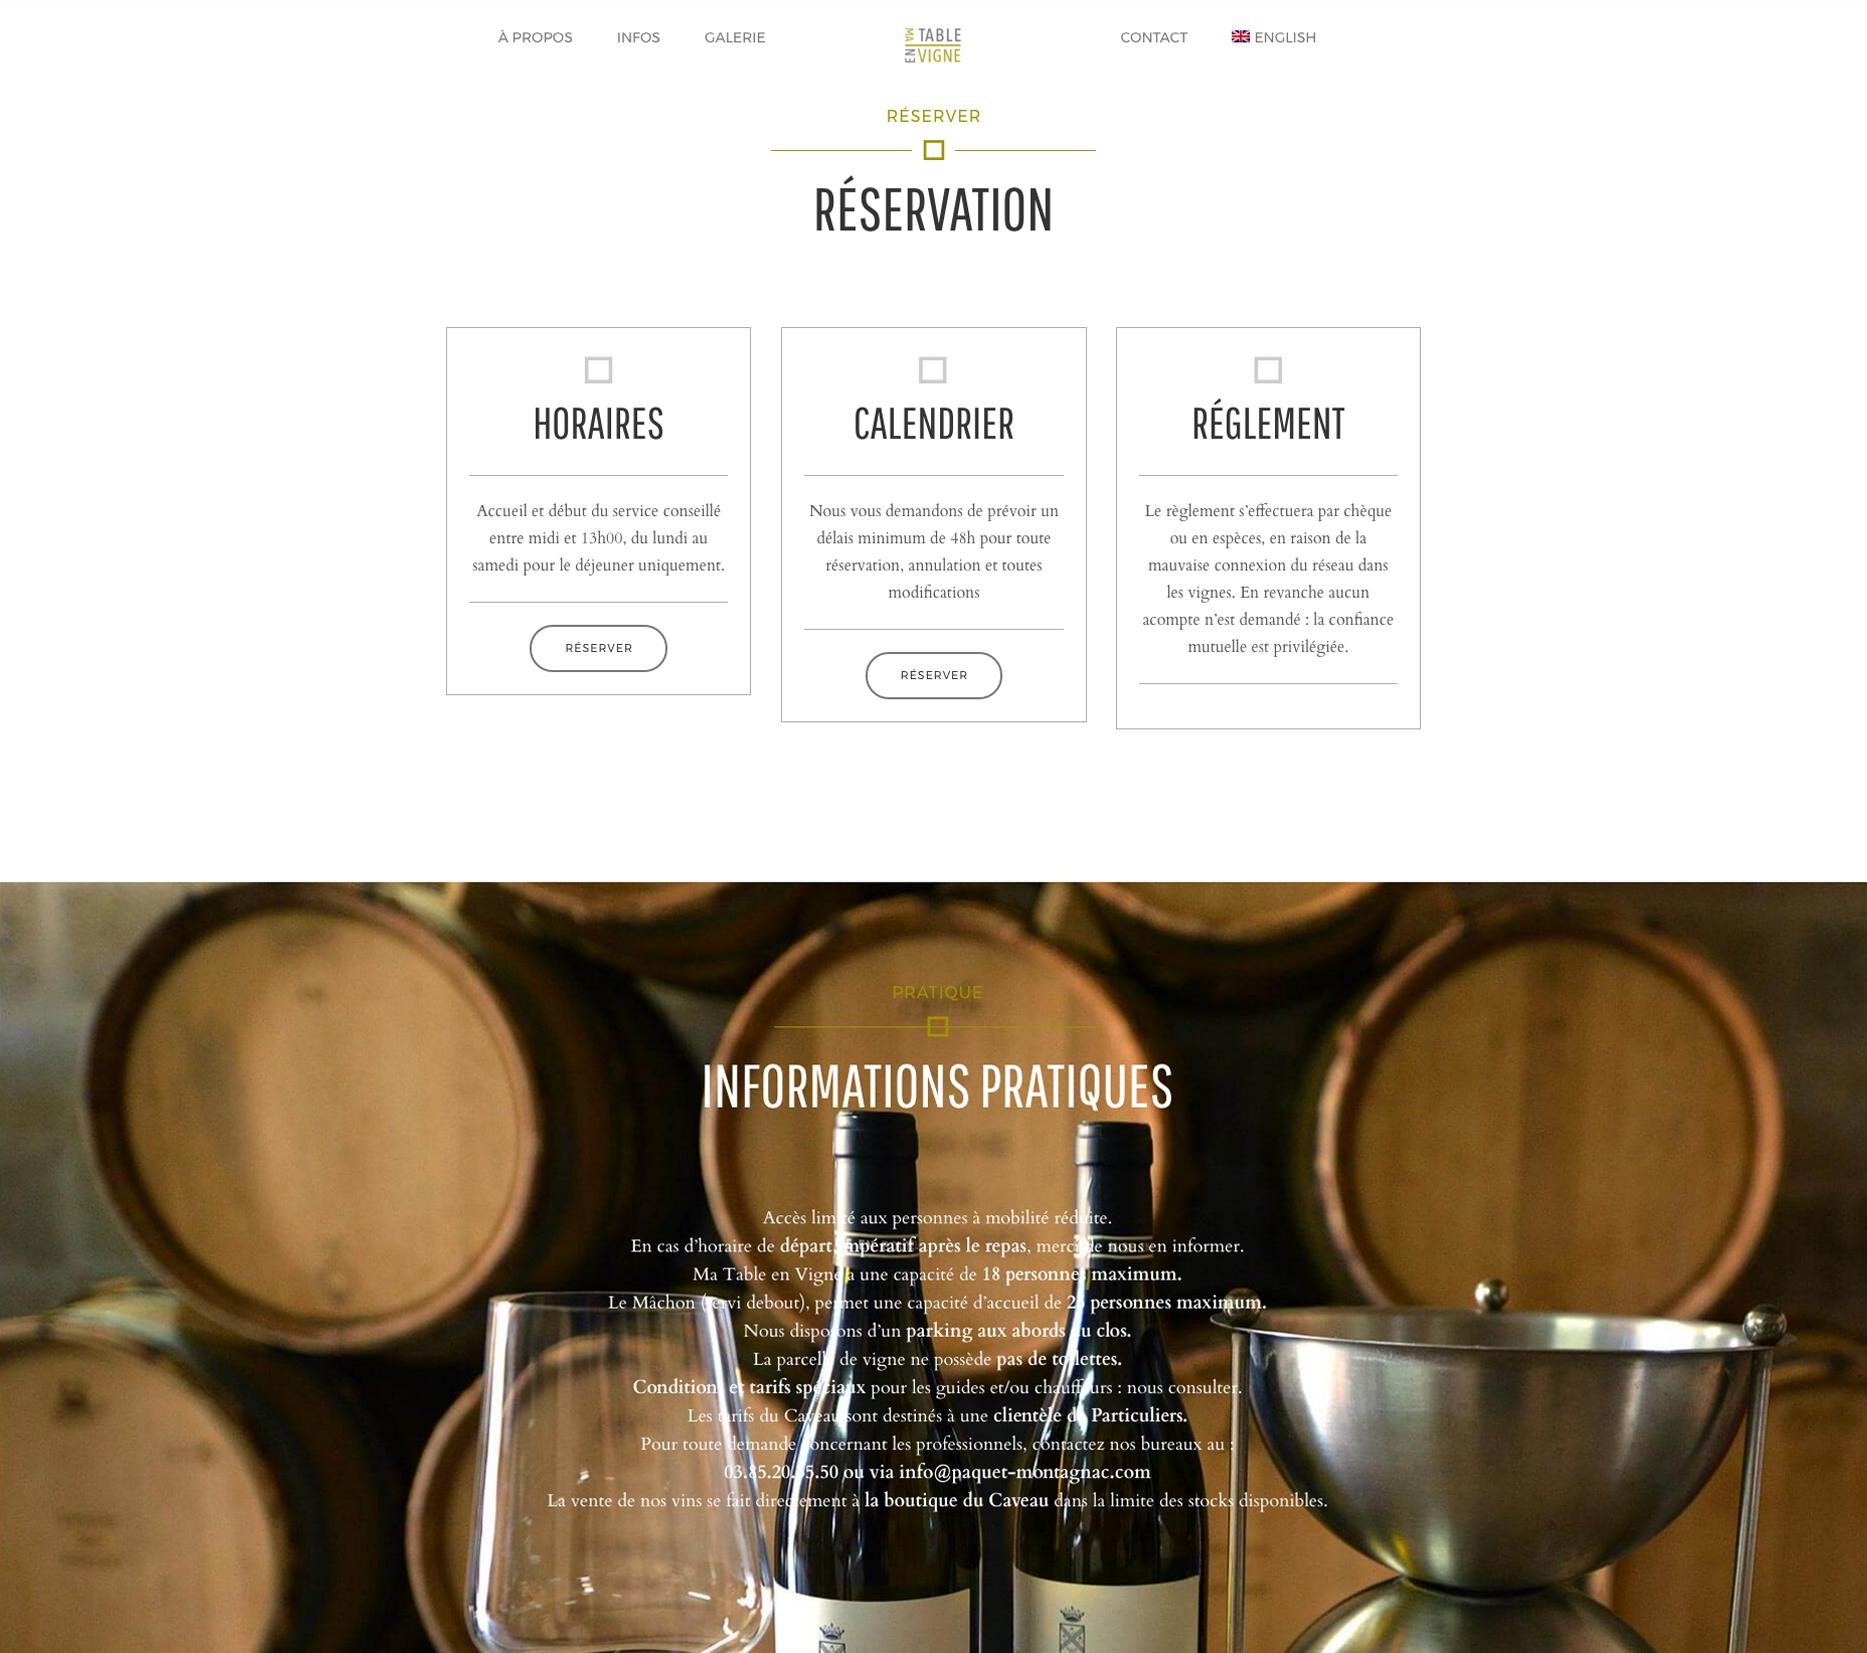 zone de réservation du site ma table en vigne